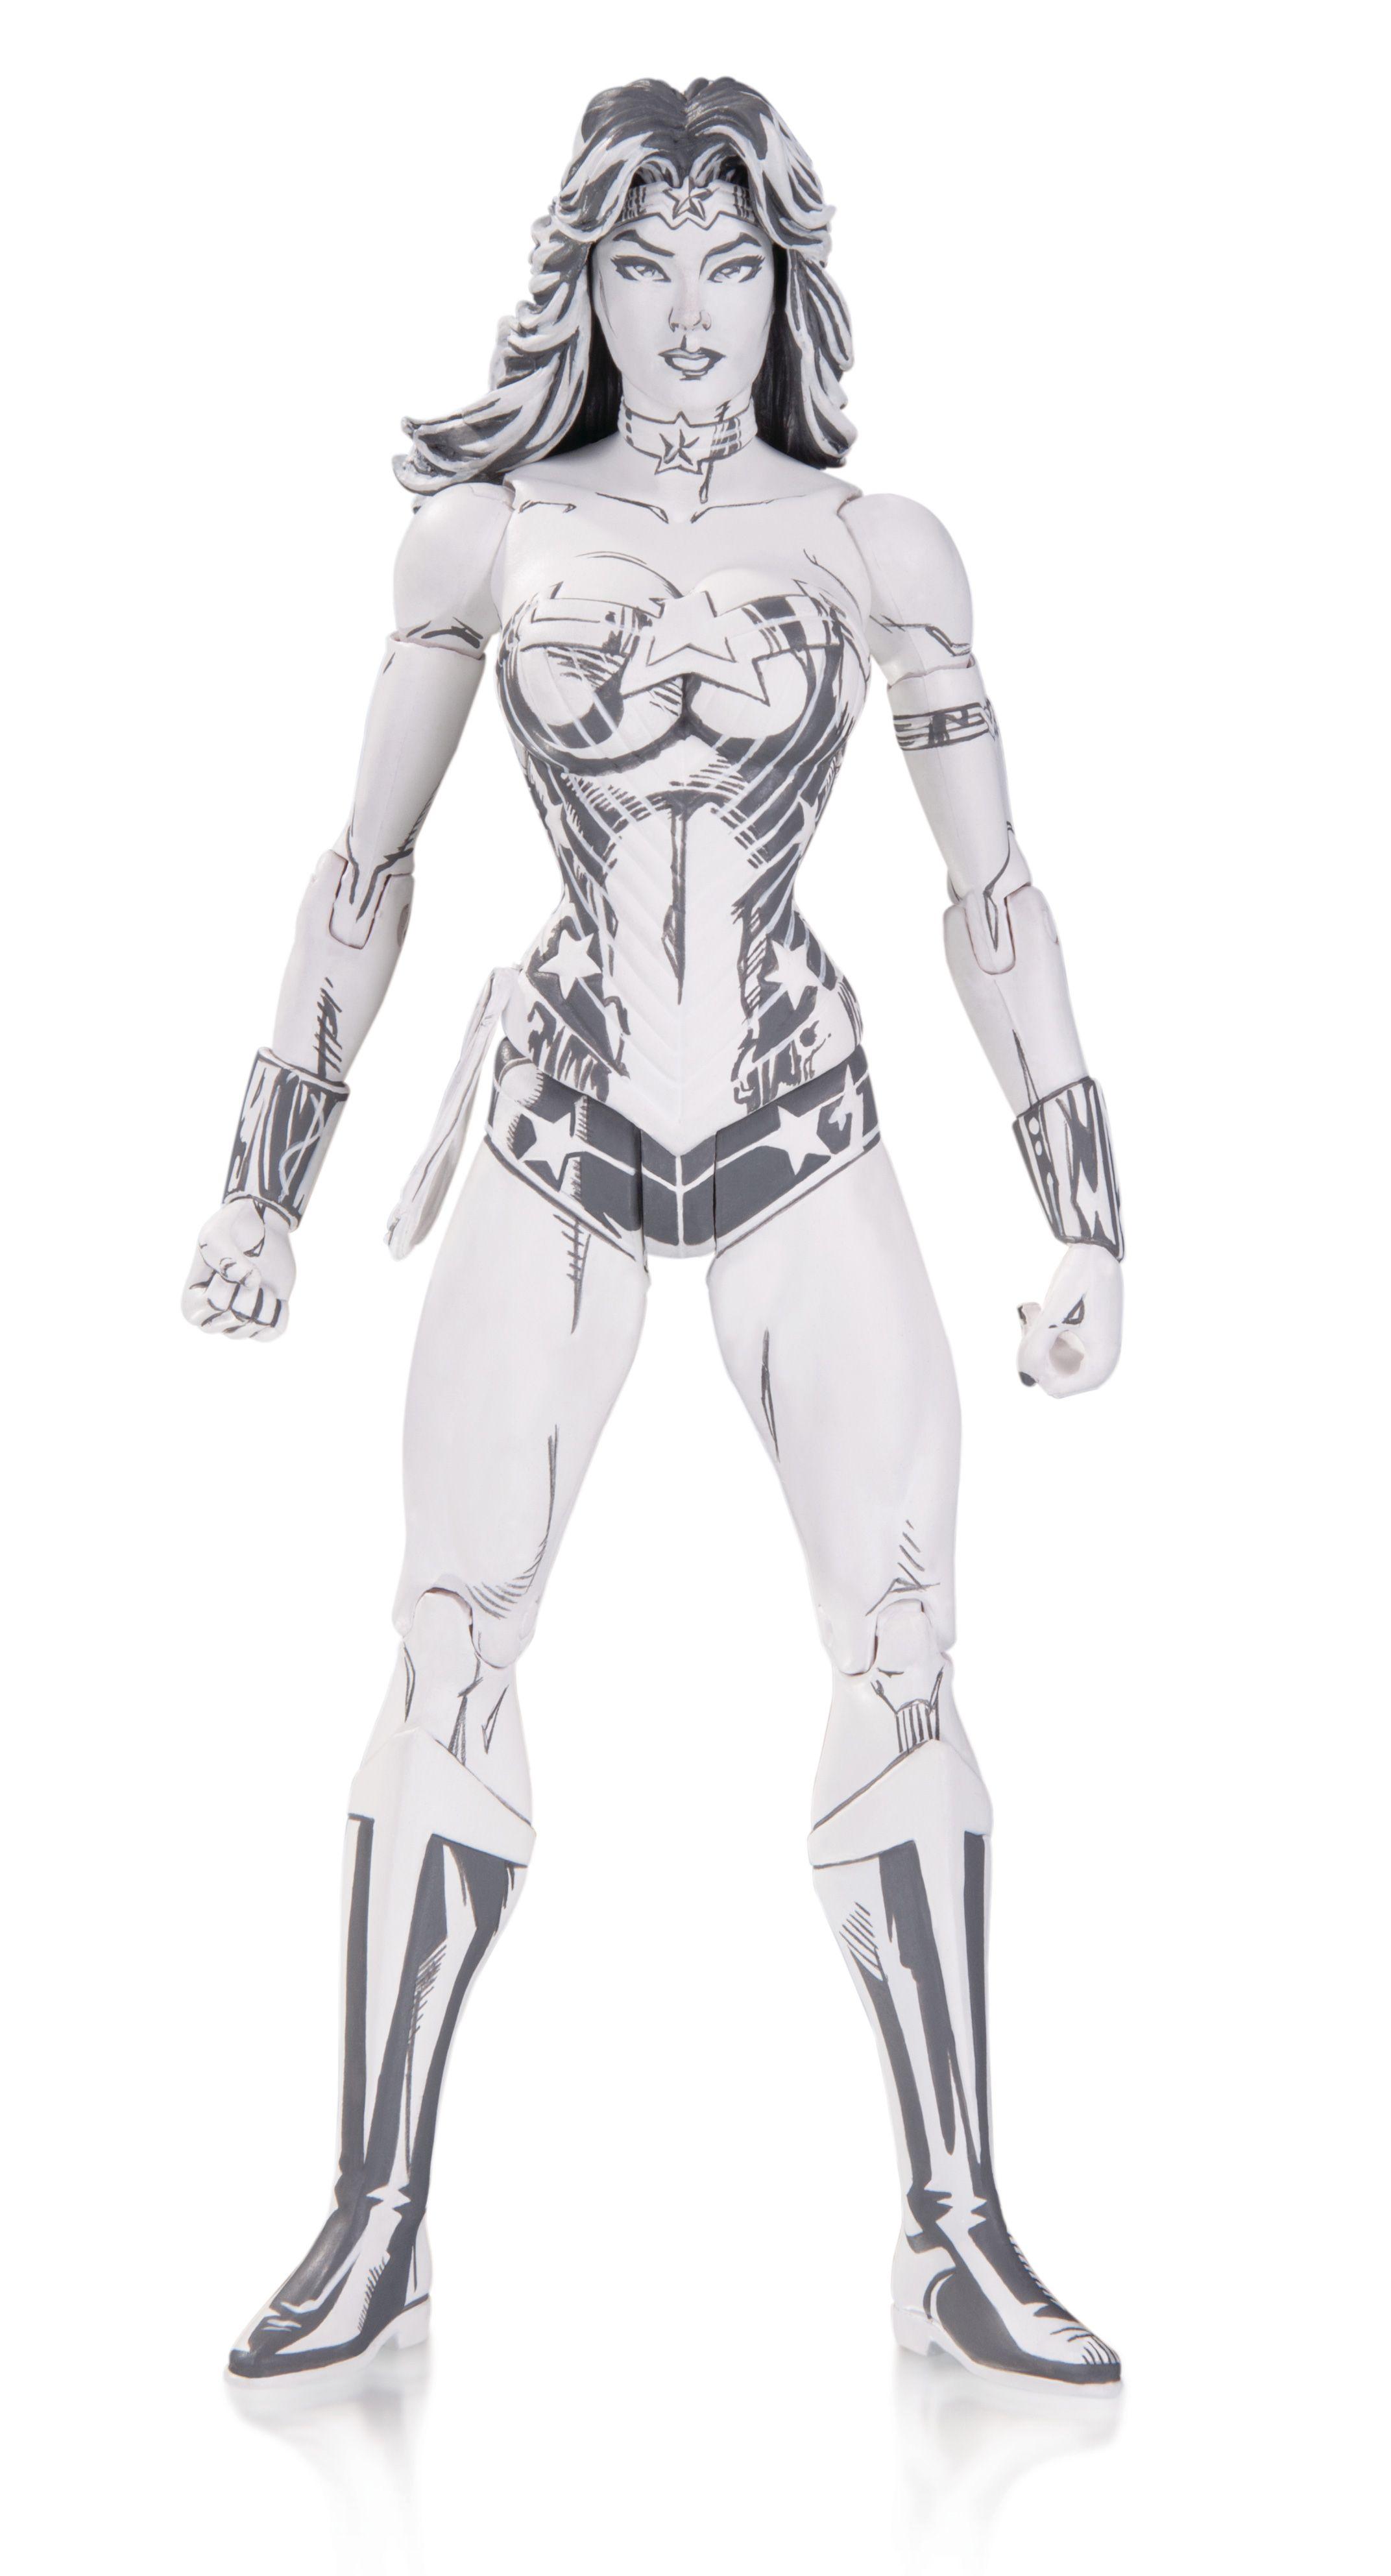 Wonder-Woman-Jim-Lee-Blueline-Edition-Action-Figure-02